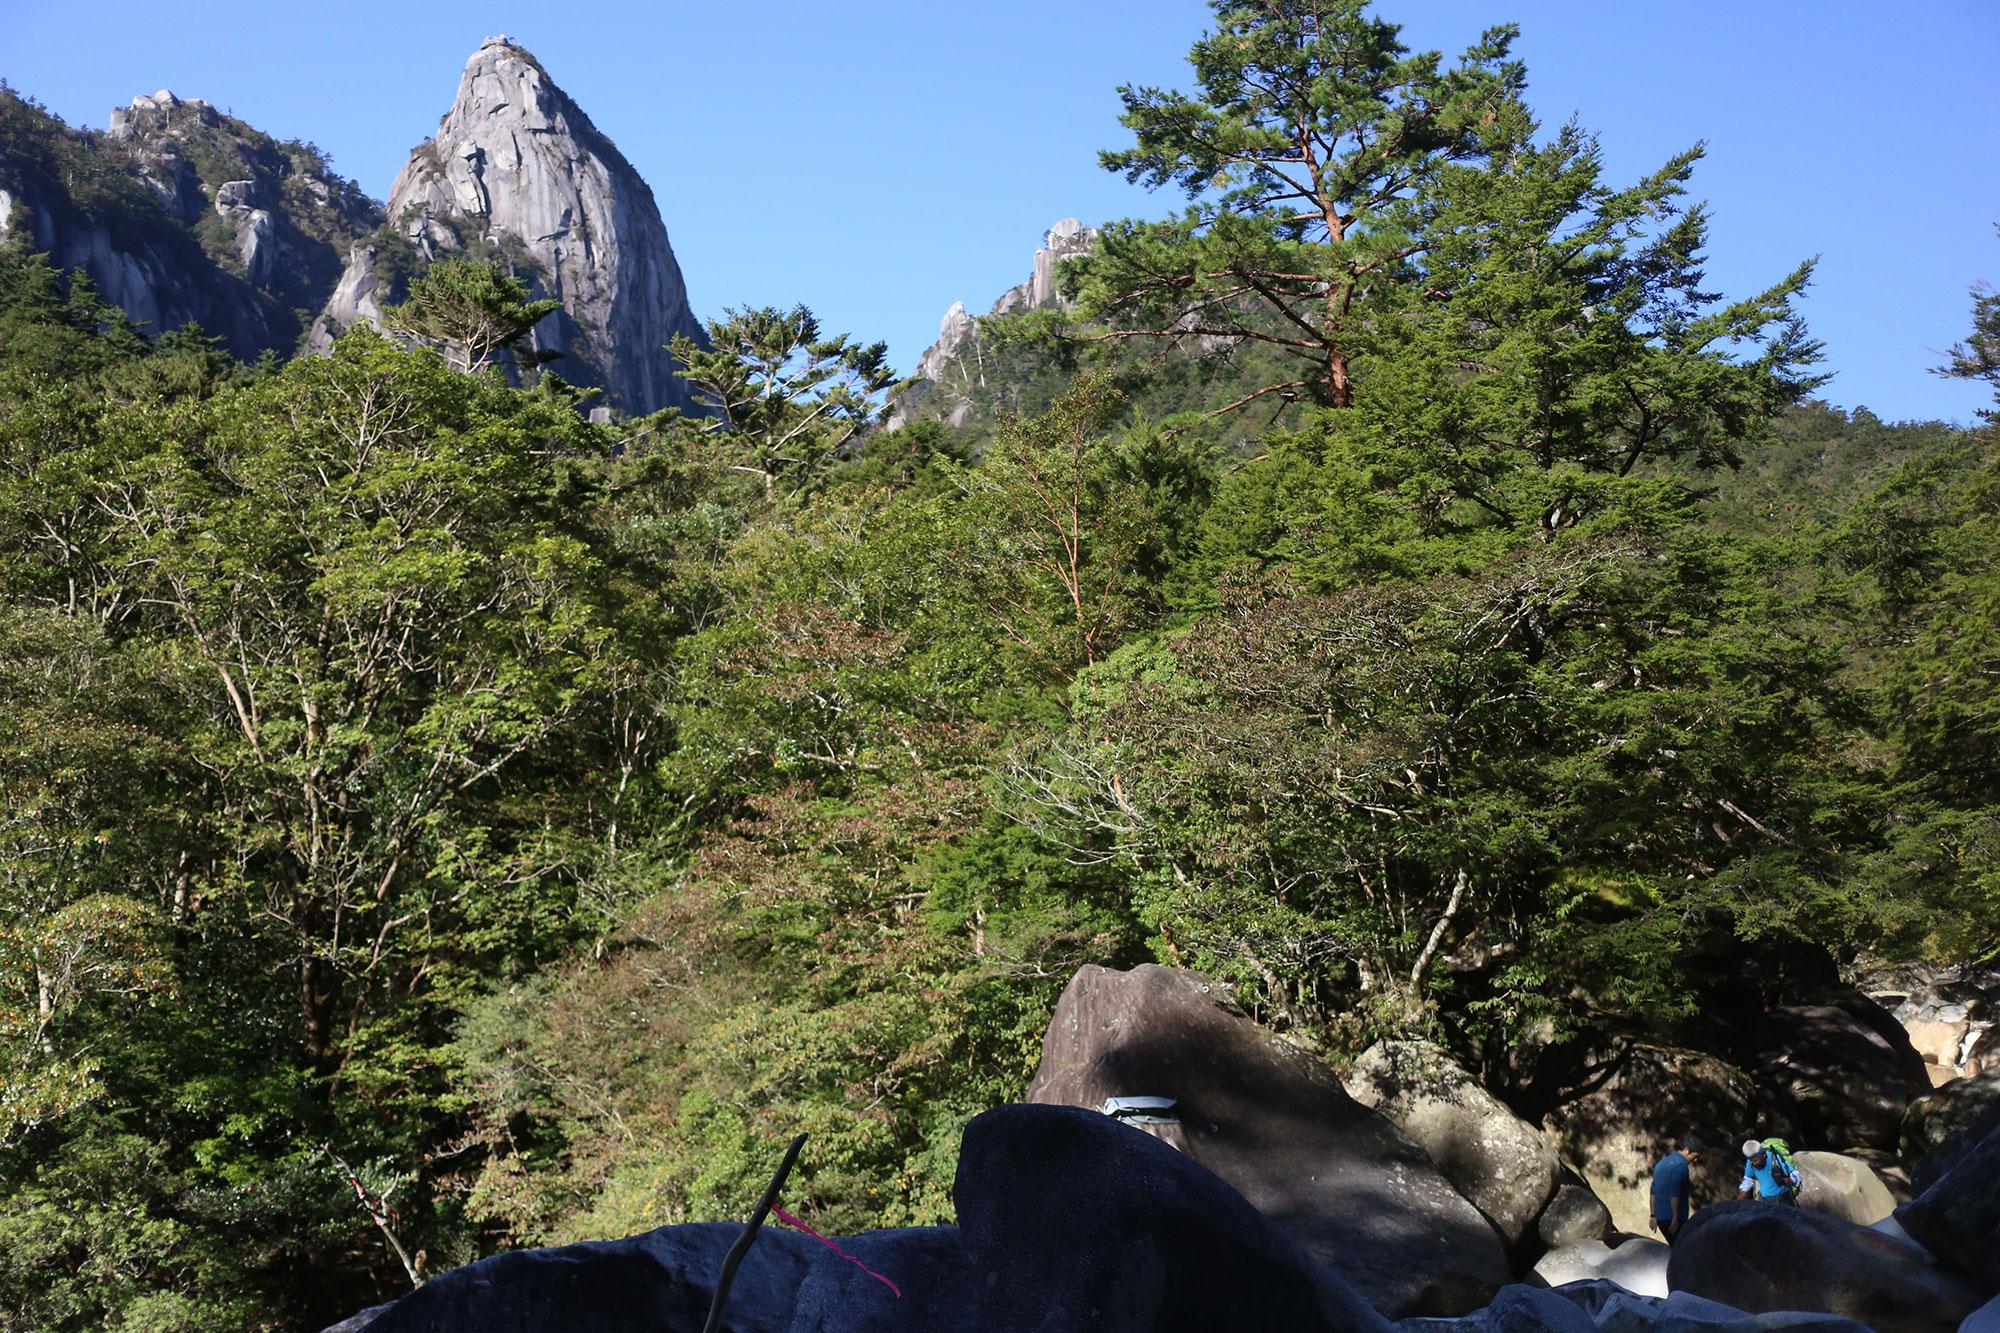 渡渉点から眺める大崩山の岩峰群